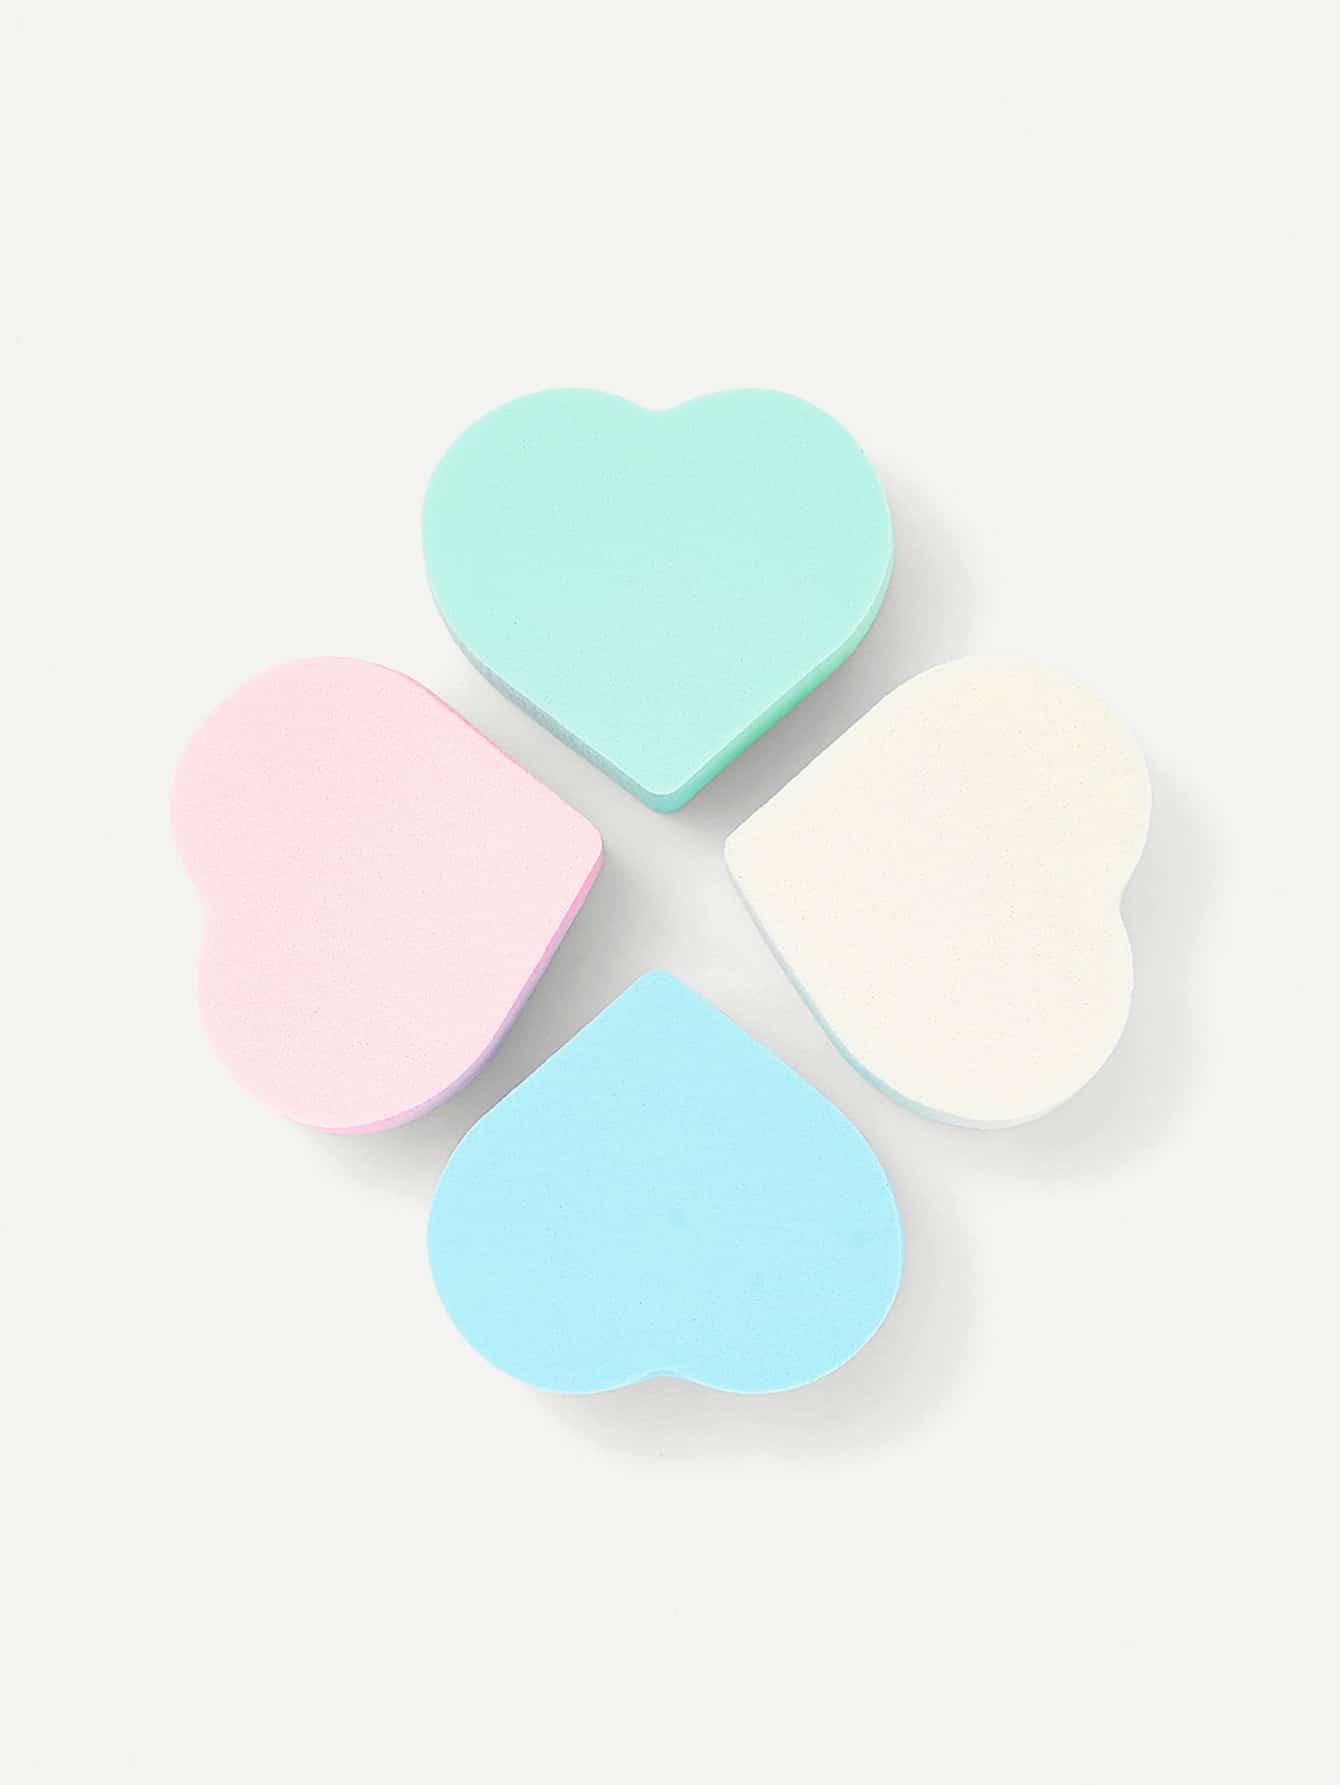 Heart Shaped Sponge Puff 4pcs